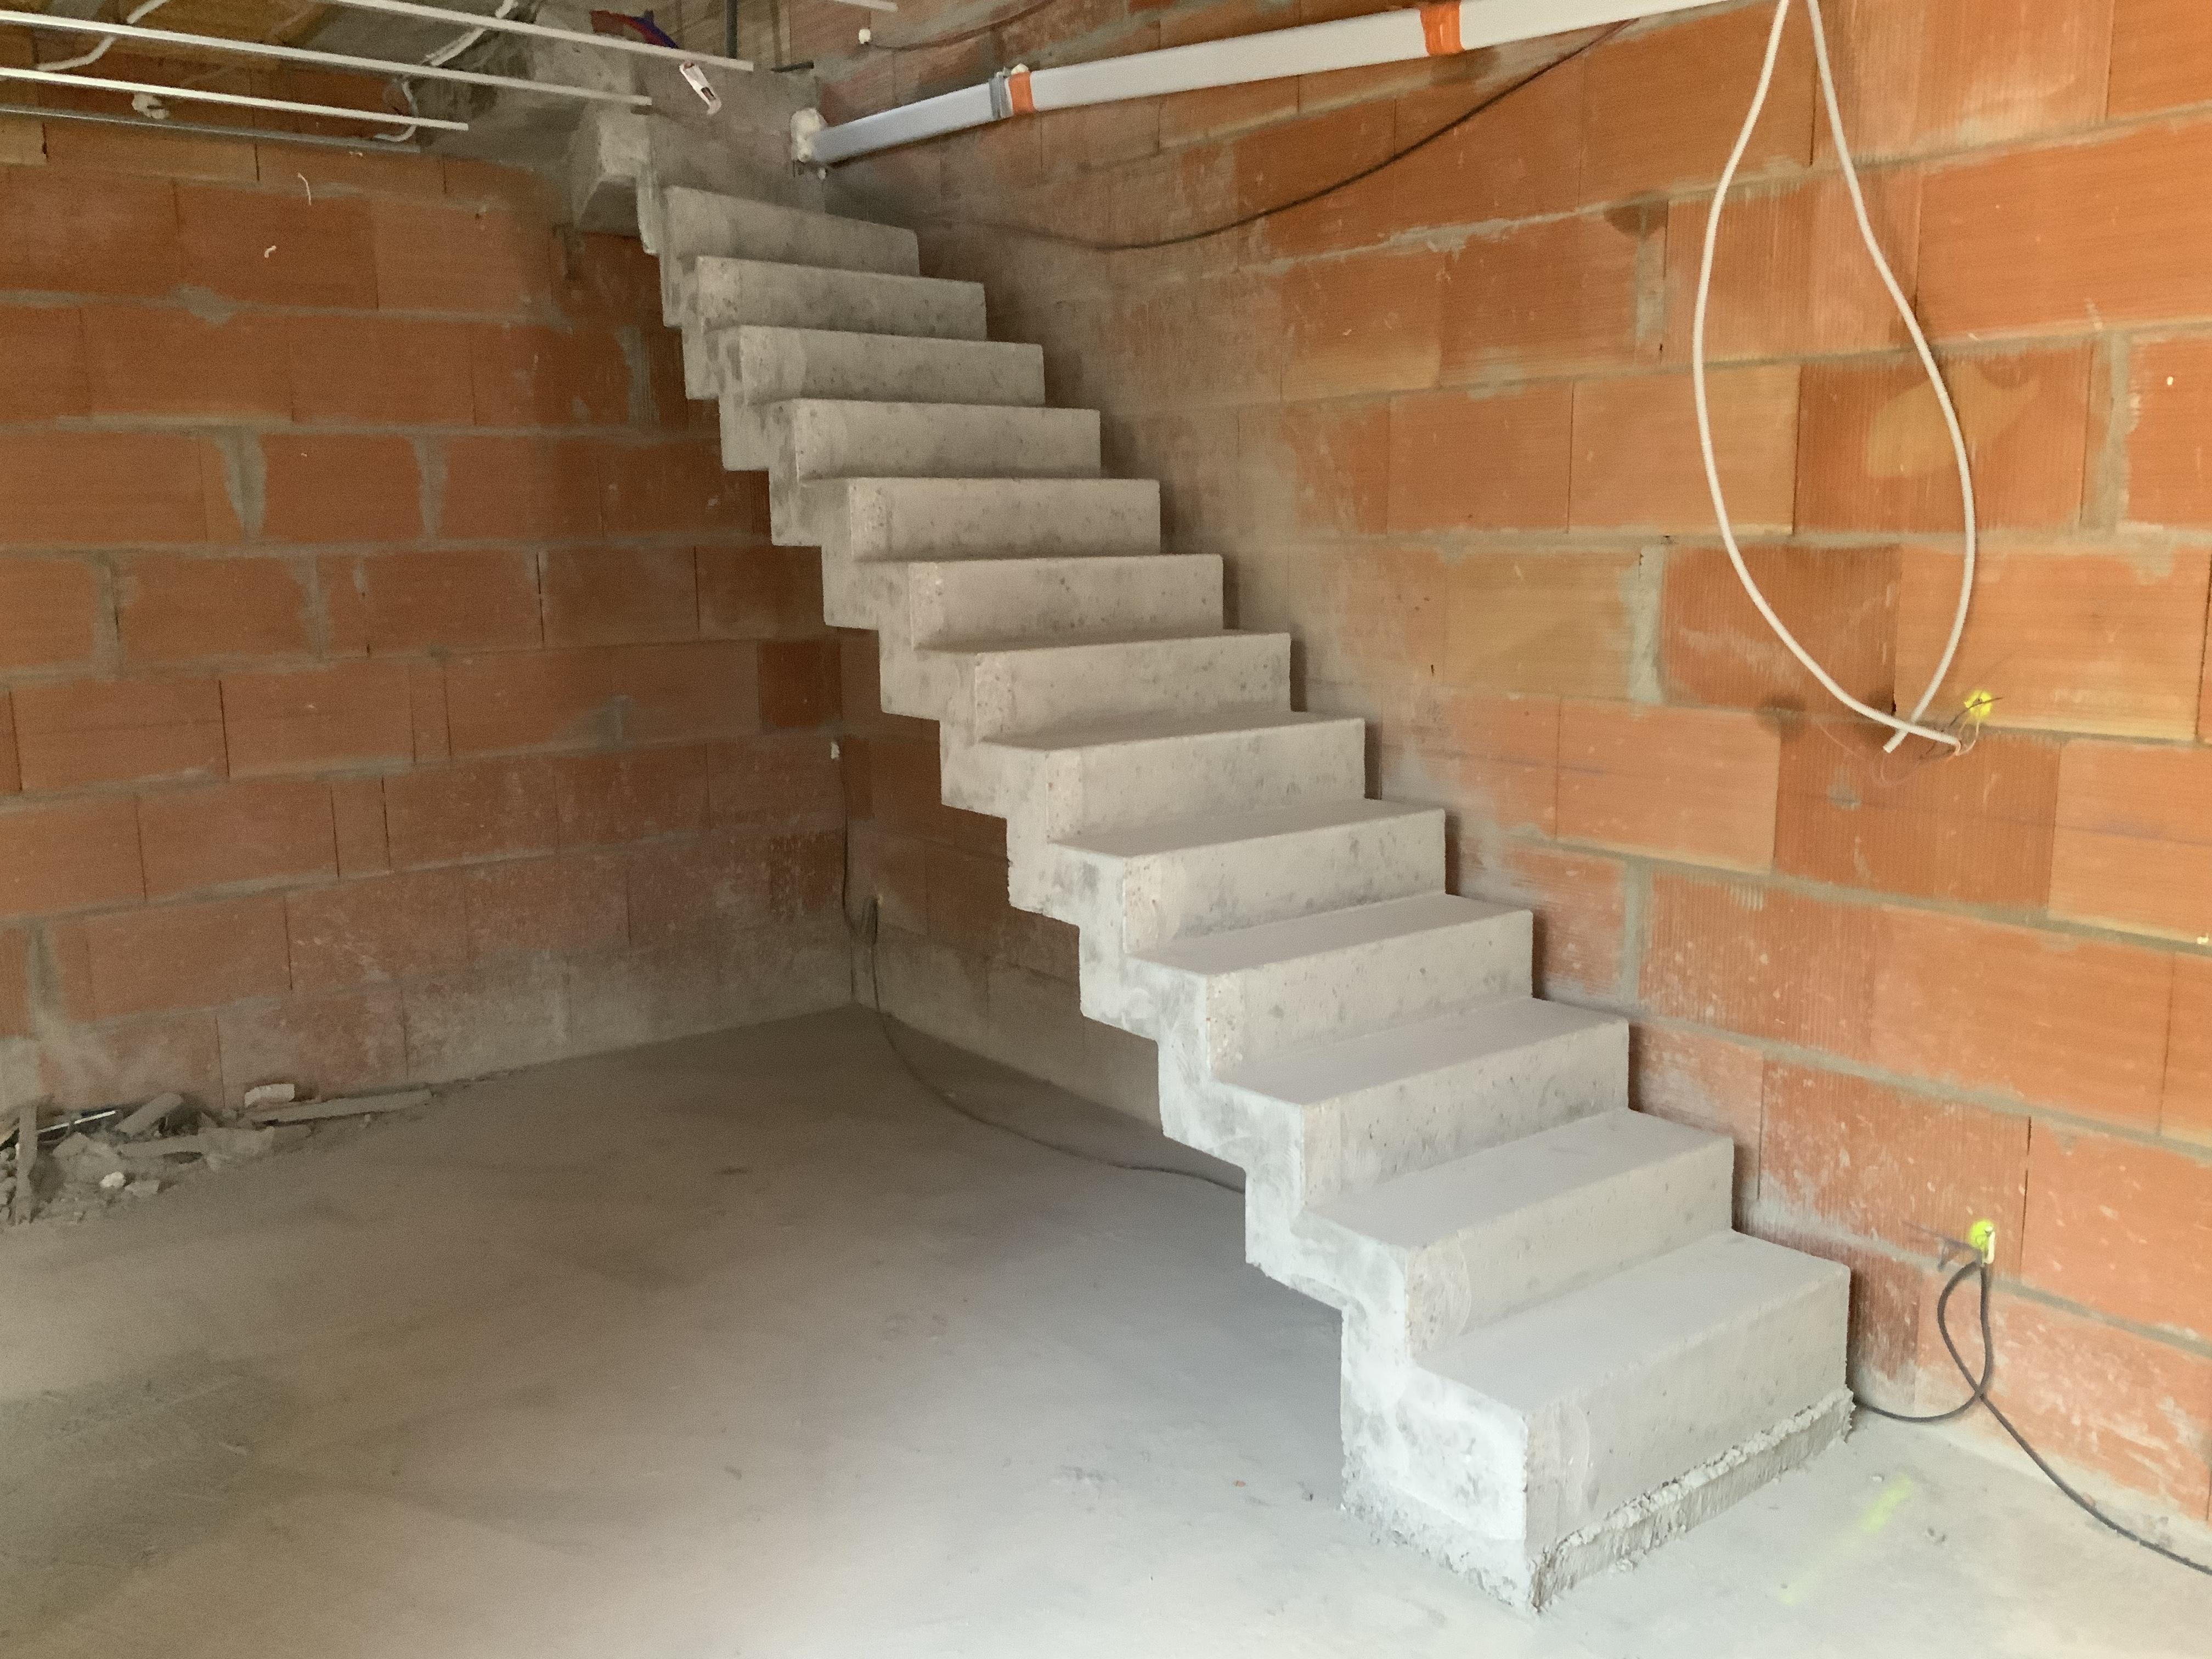 Départ de l'escalier avec sa première marche haute où à été pris en compte la réservation pour le futur plancher chauffant du rez de chaussé de la maison